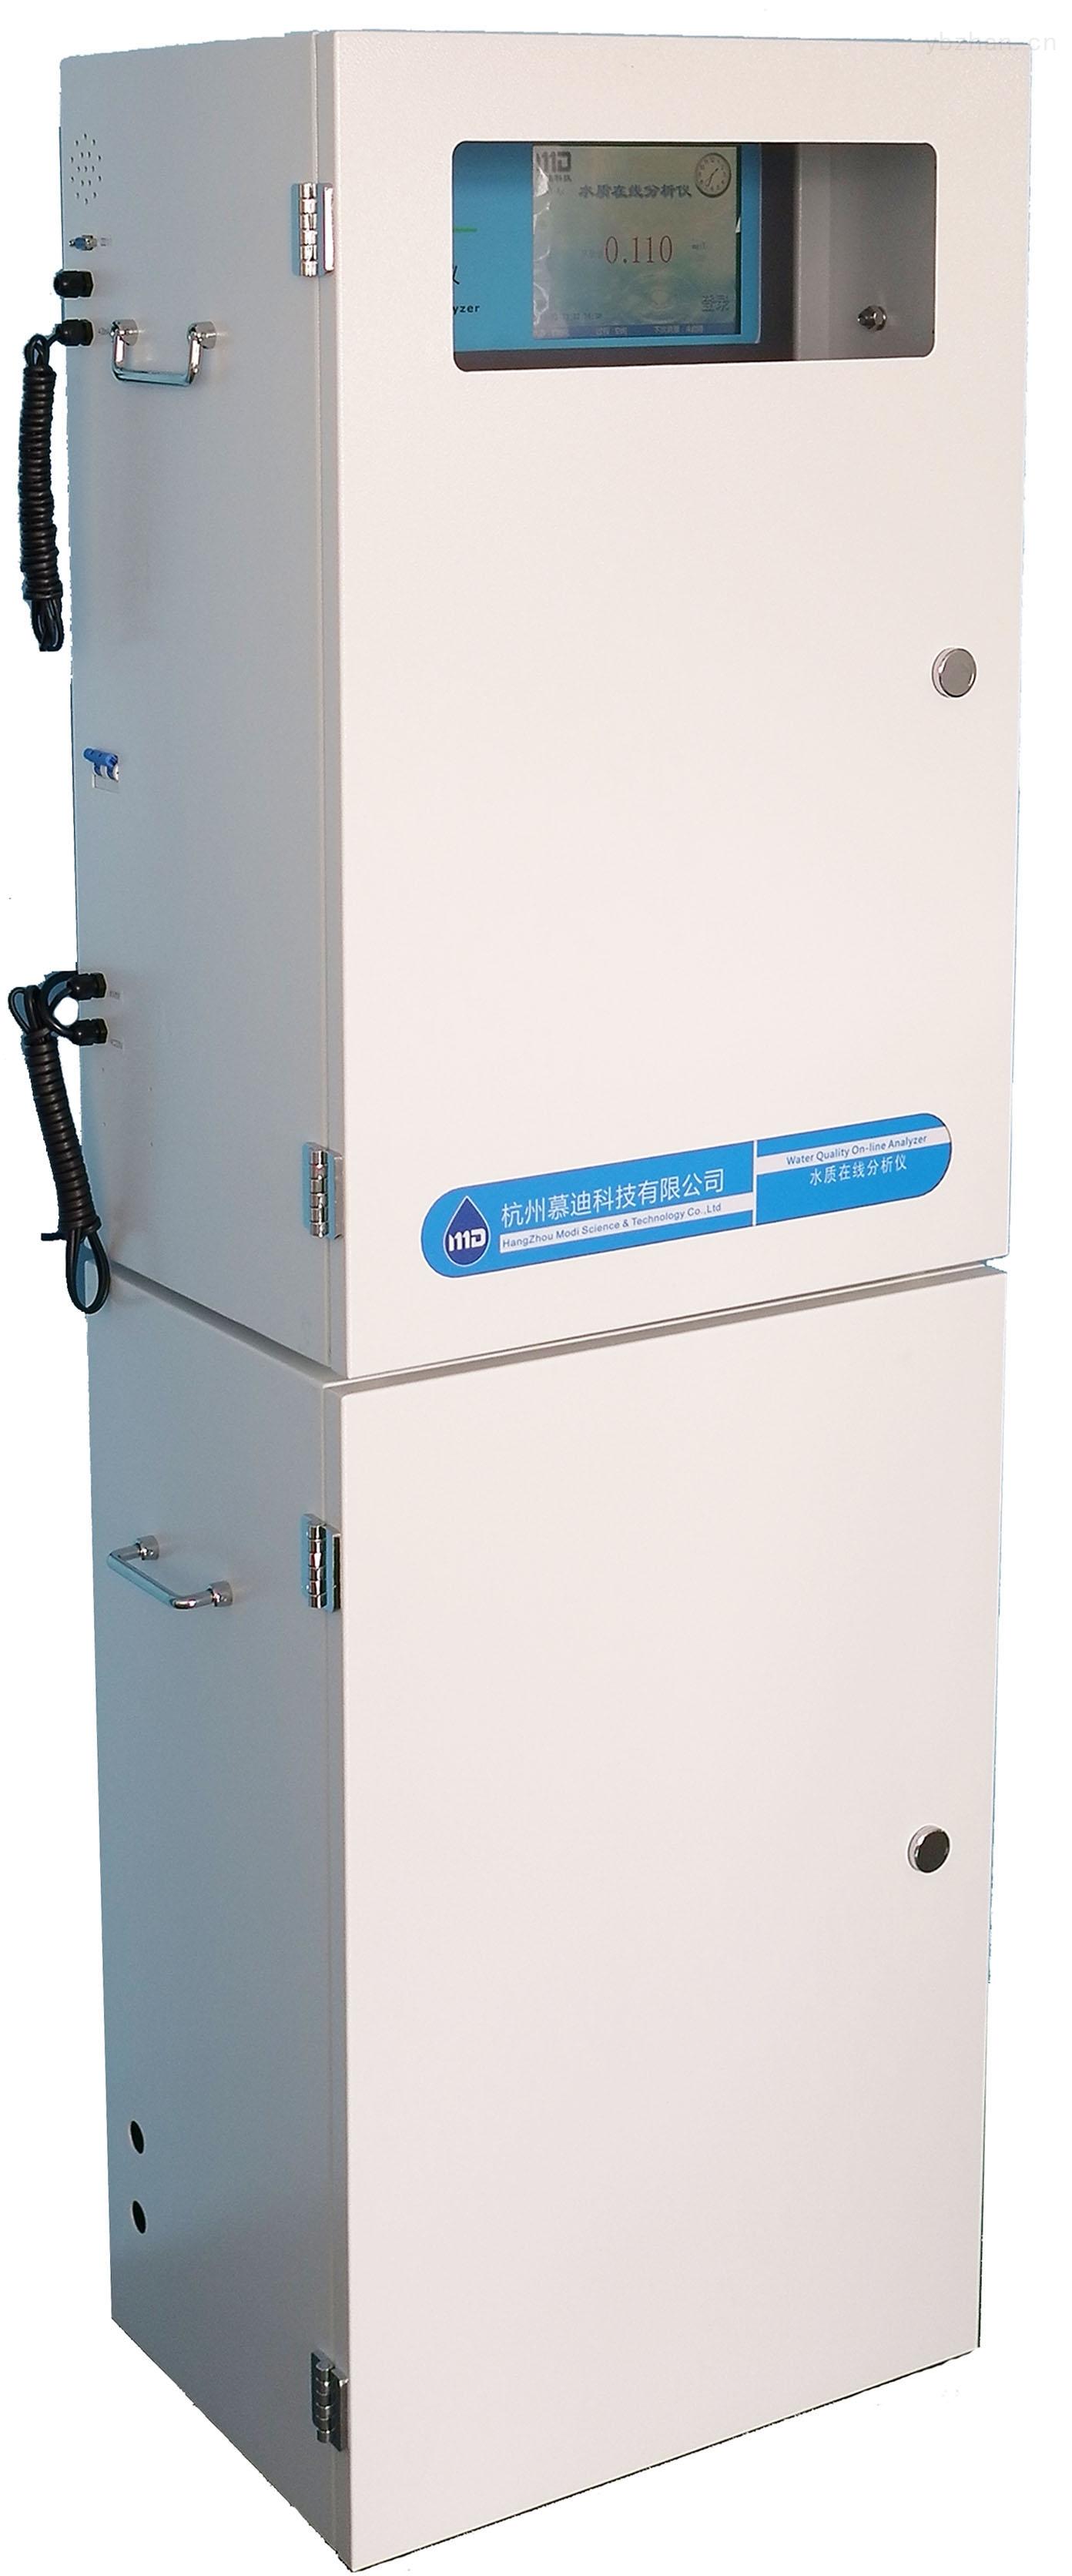 WTox-8000-在线生物毒性水质监测仪